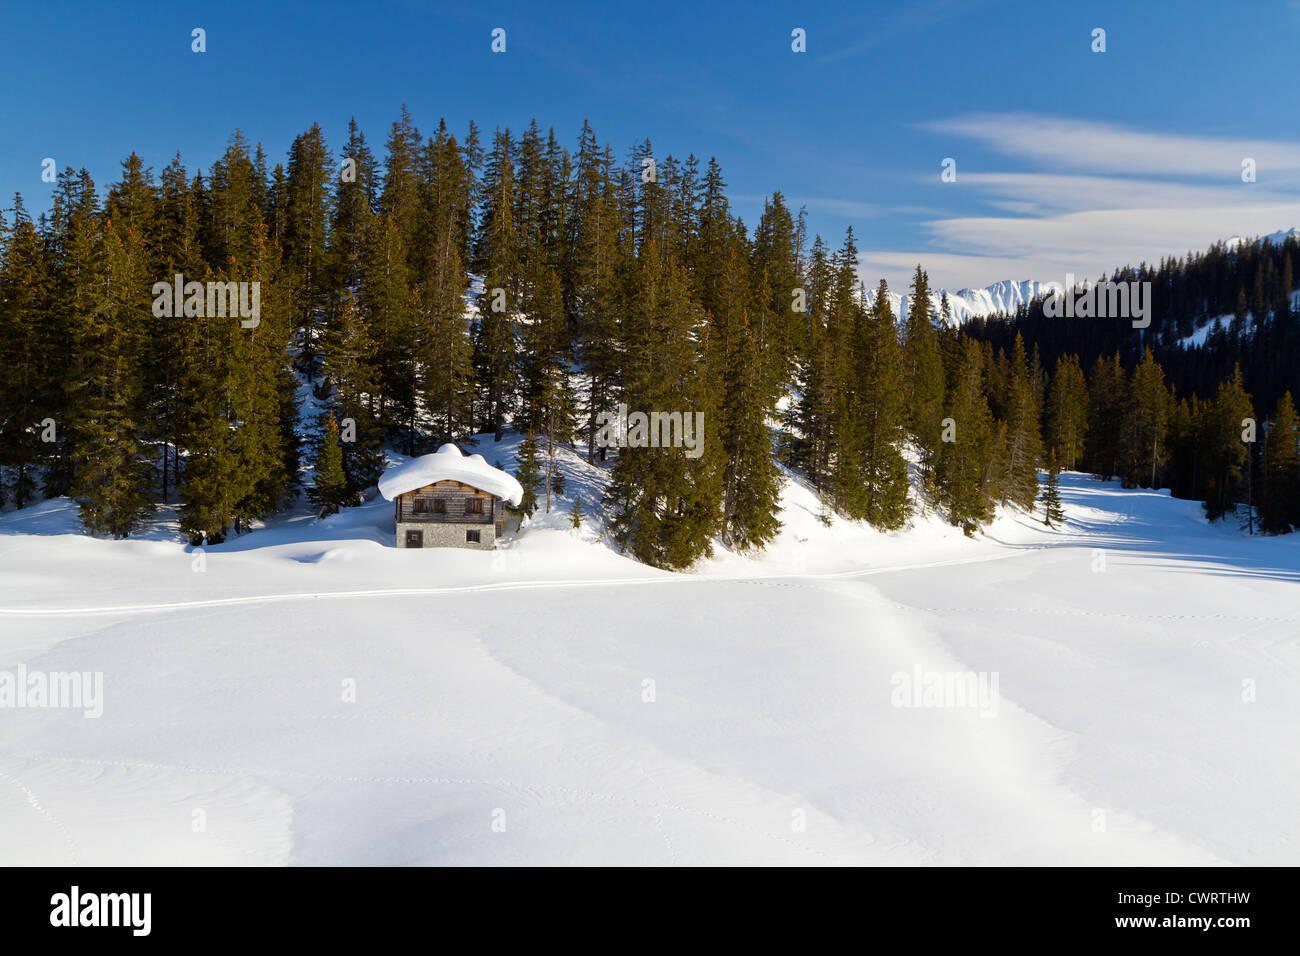 Log cabin in snow in the Alps - Stock Image